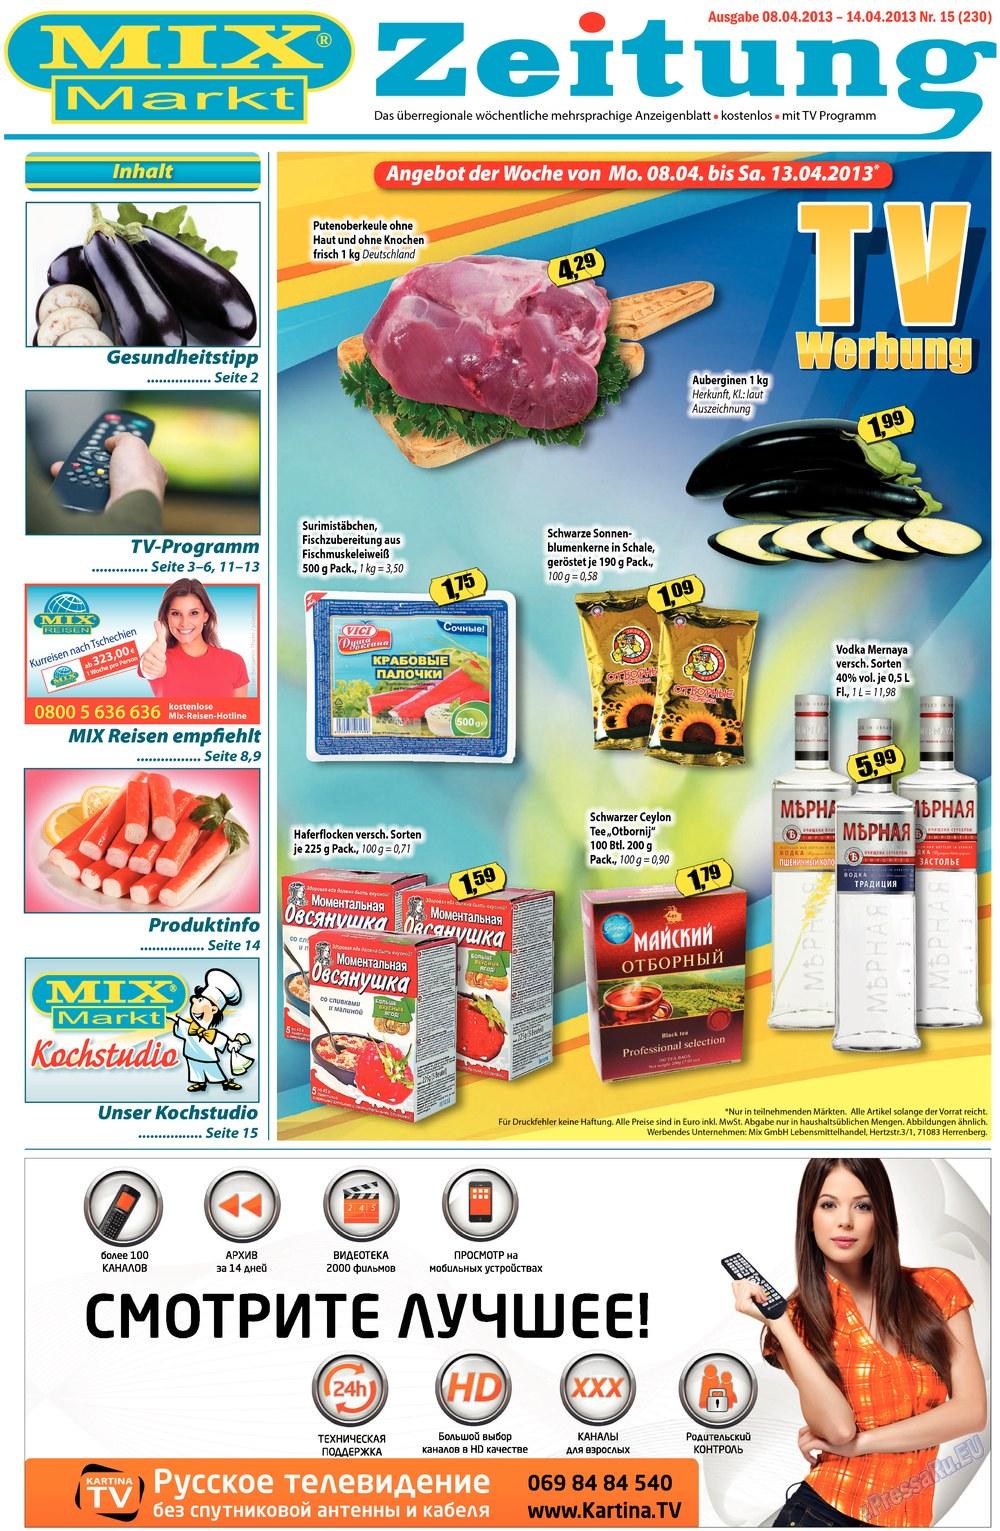 MIX-Markt Zeitung (газета). 2013 год, номер 15, стр. 1